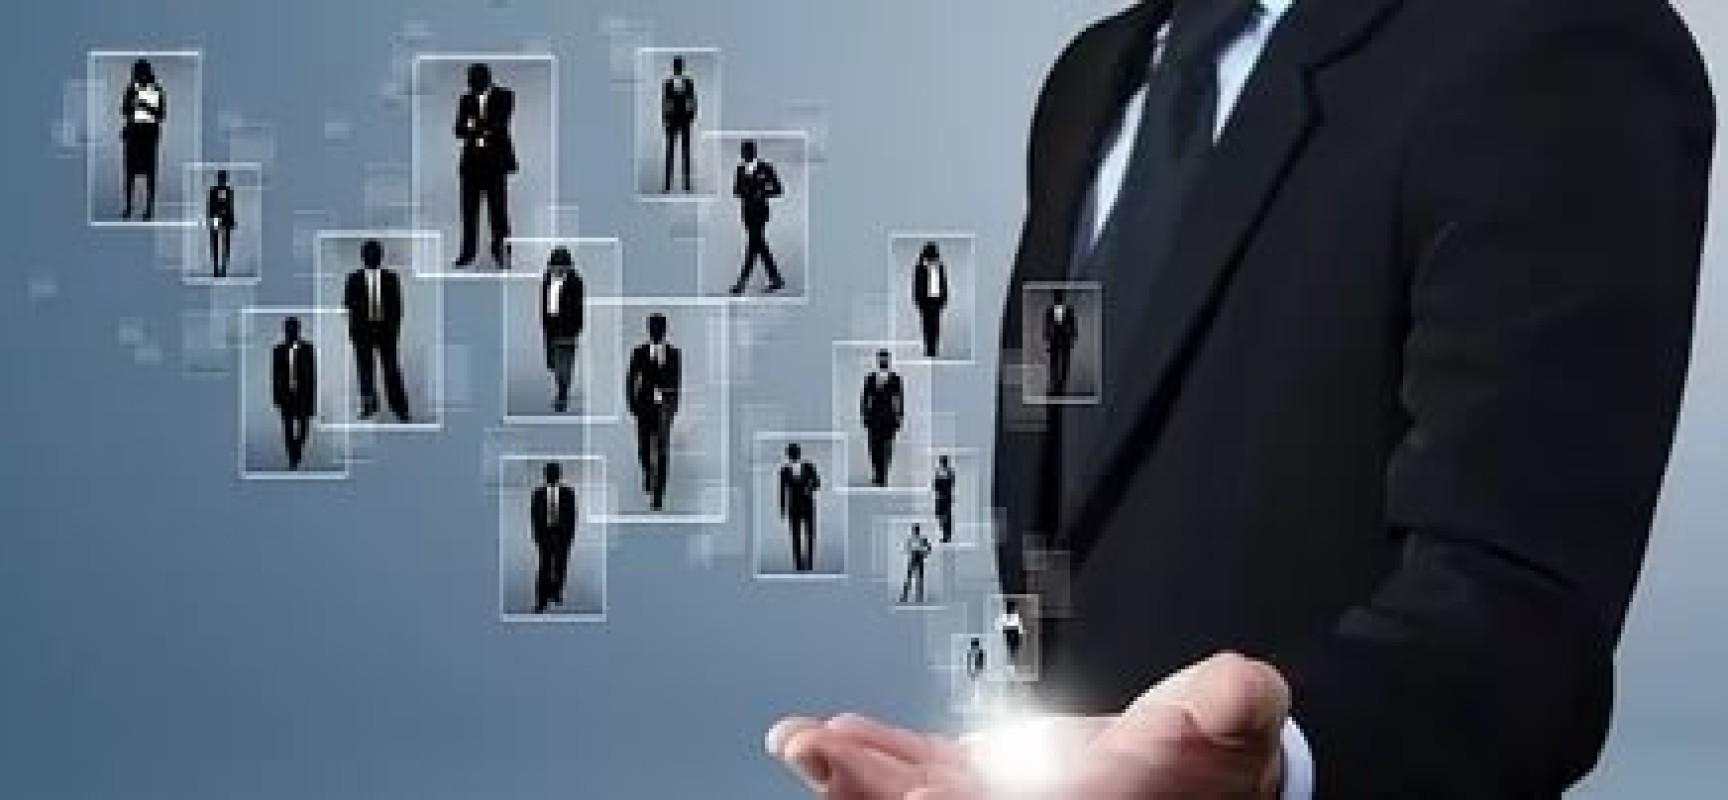 Коучинг — новое слово в управлении предприятием